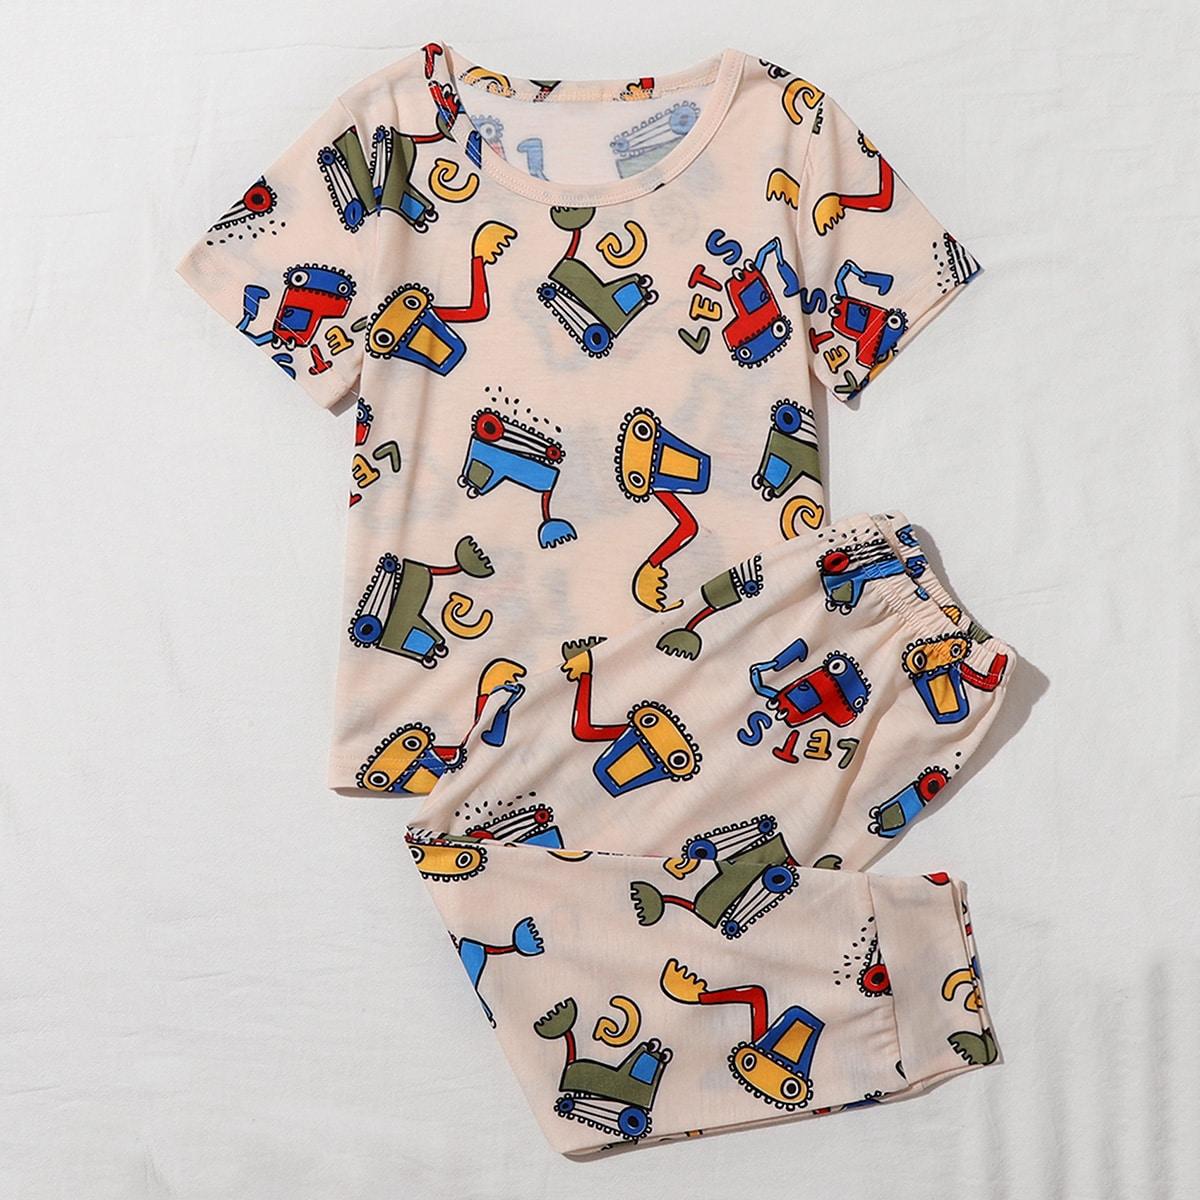 многоцветный Мультяшный принт милый Домашняя одежда для мальчиков от SHEIN